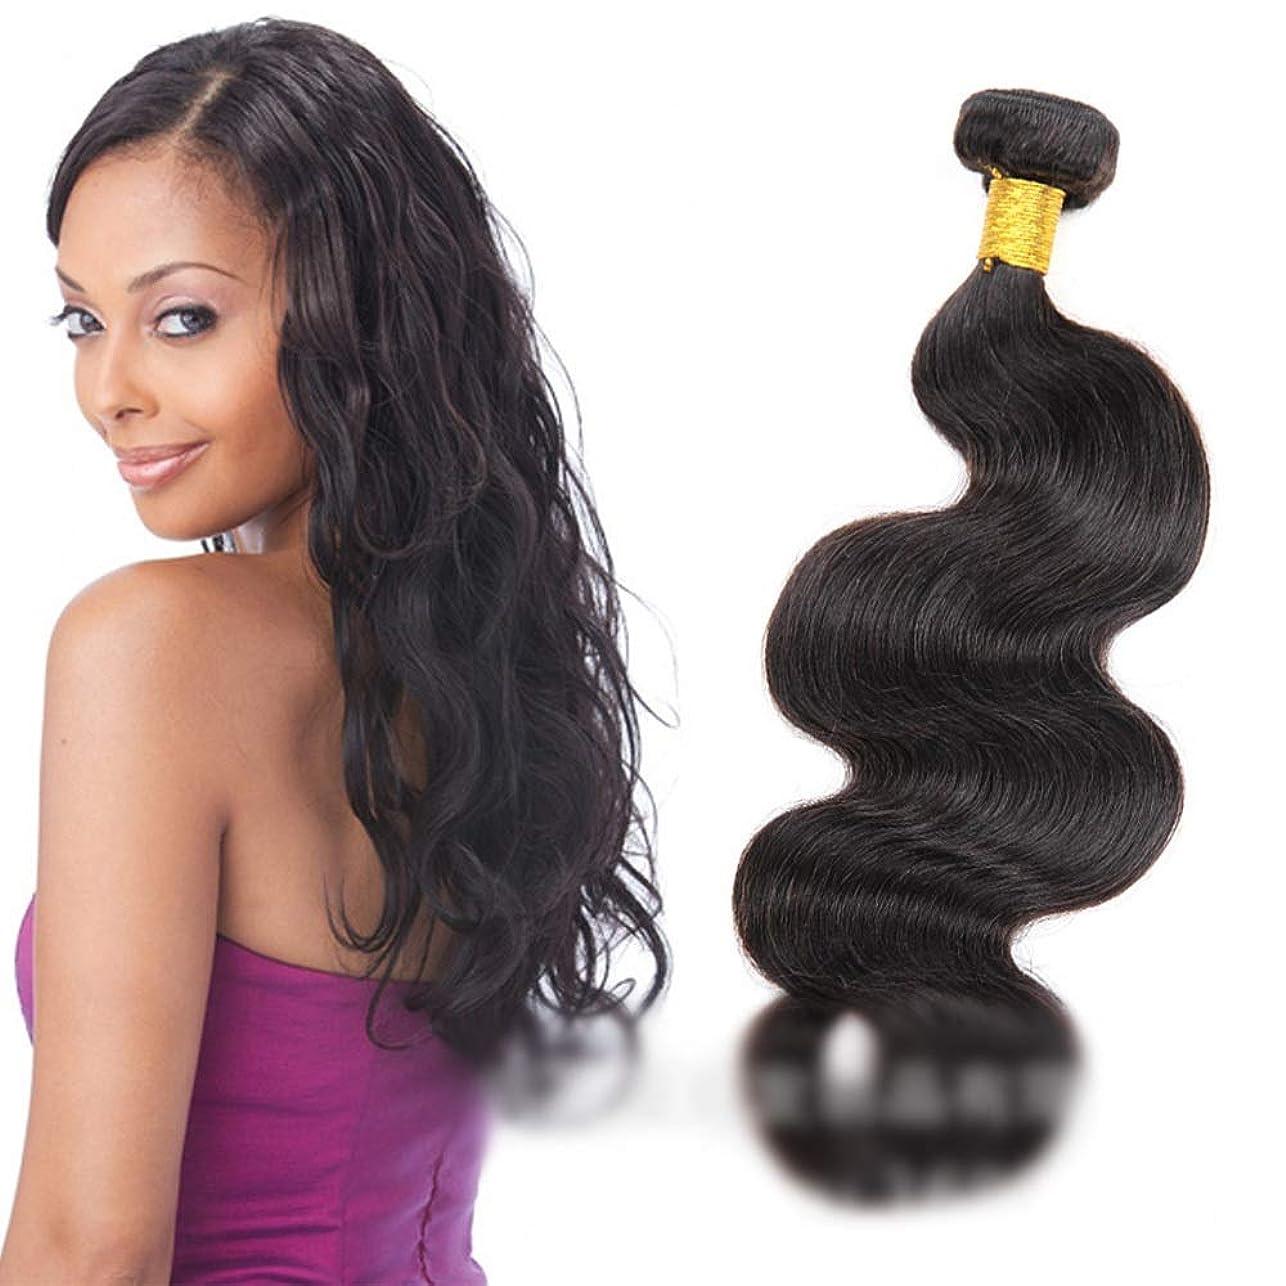 第五古い弾力性のあるYESONEEP 人間の髪織りバンドルナチュラルヘアエクステンション横糸 - ボディウェーブ - ナチュラルブラックカラー(1バンドル、100g)ロングカーリーウィッグ (色 : 黒, サイズ : 30 inch)